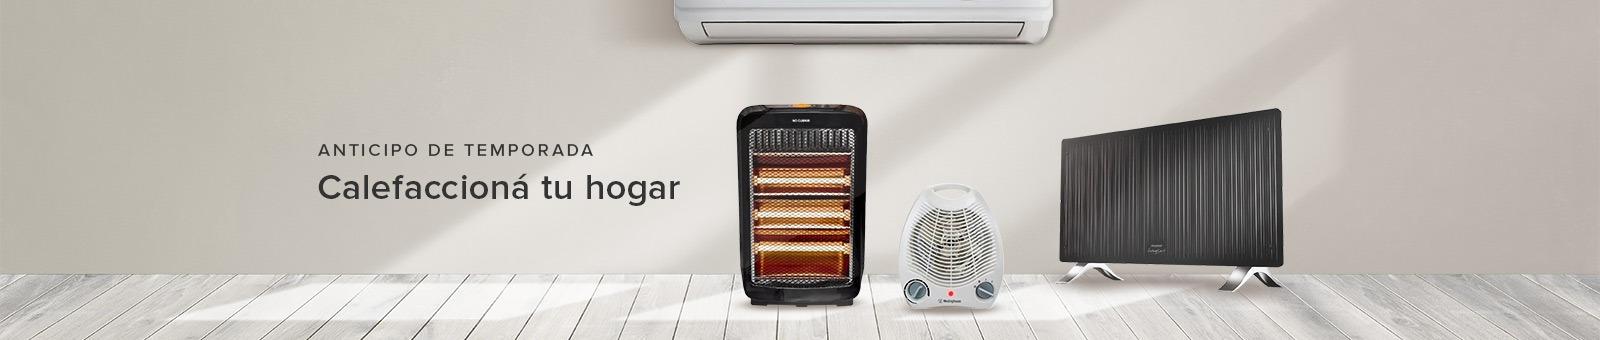 Calefaccioná tu hogar